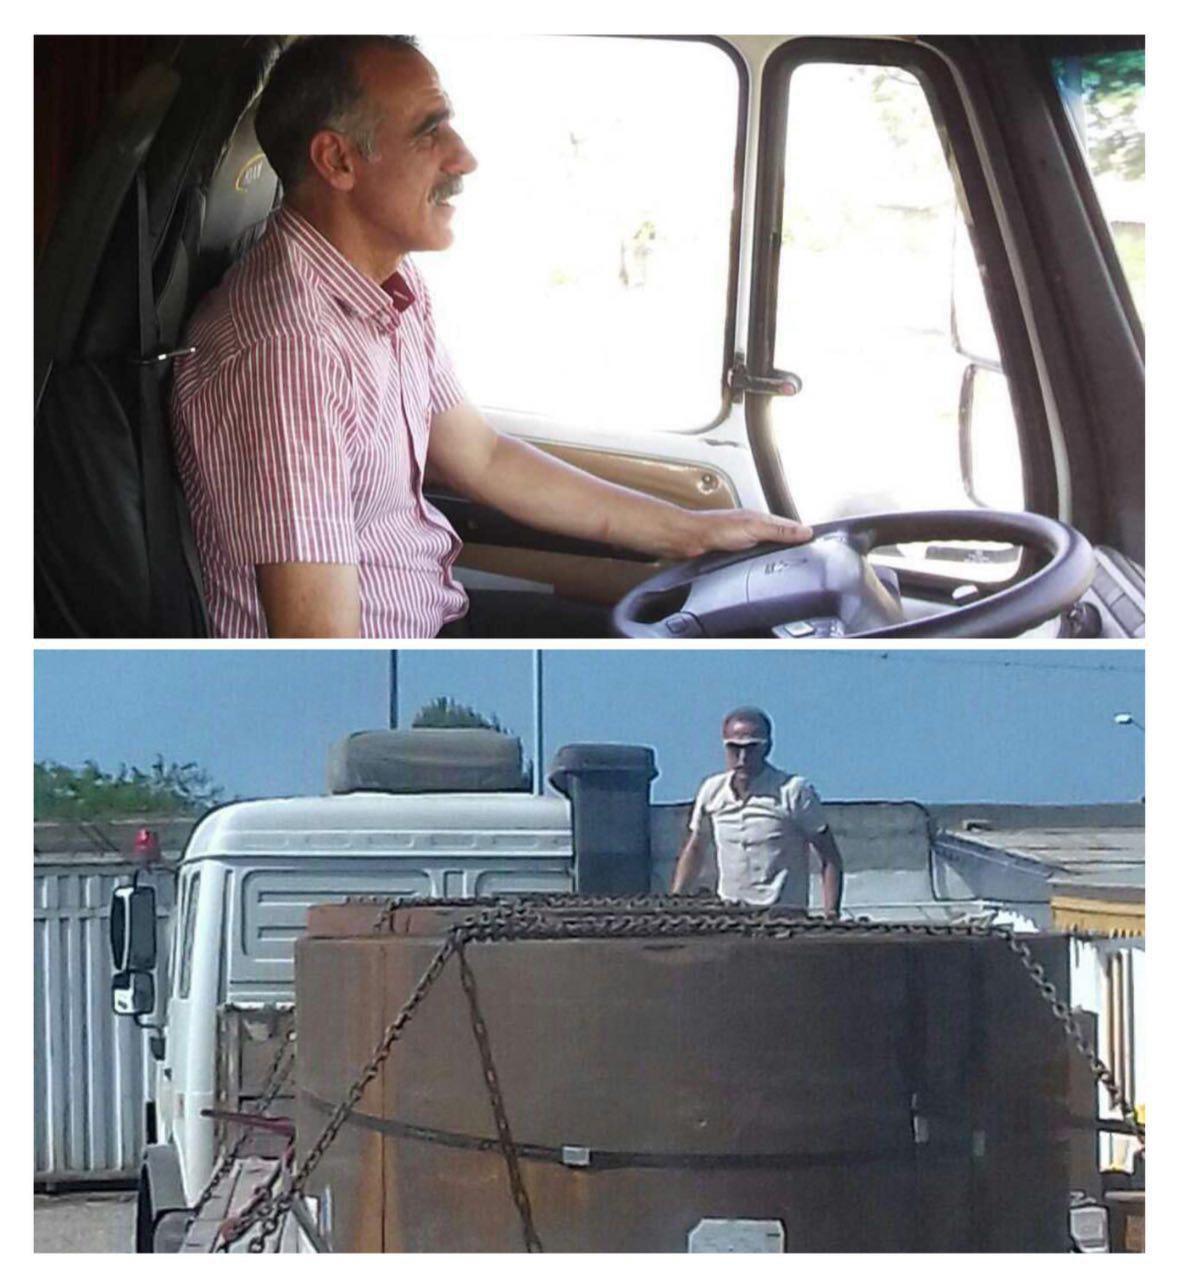 عکس سرمربی معروف ایرانی که راننده کامیون شد